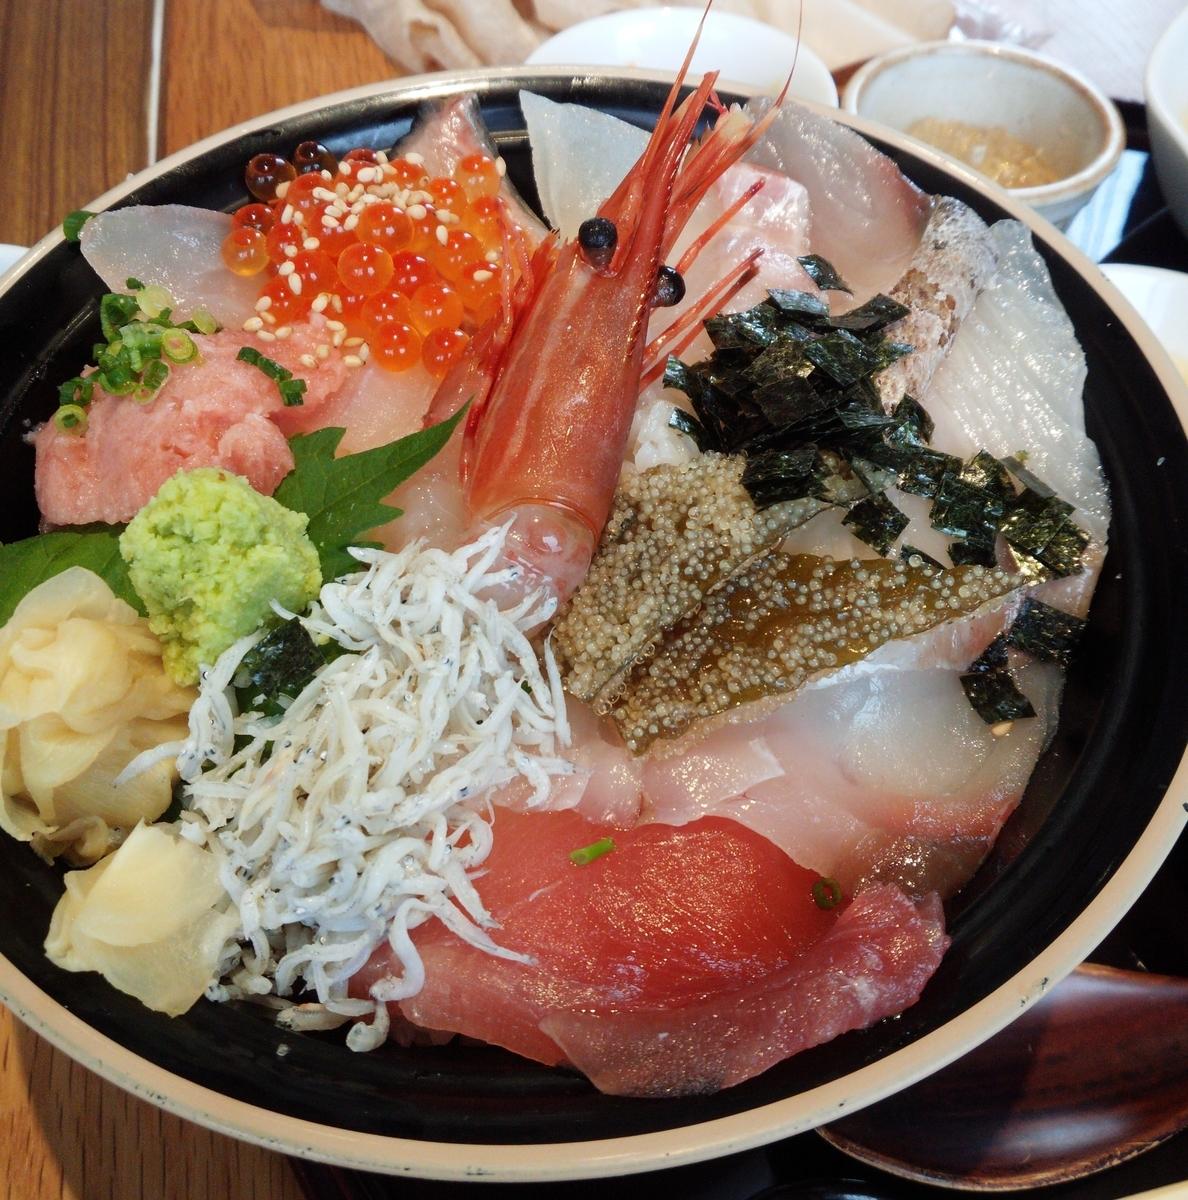 館山なぎさ食堂で新鮮ぴちぴちの海鮮丼を満喫しよう!